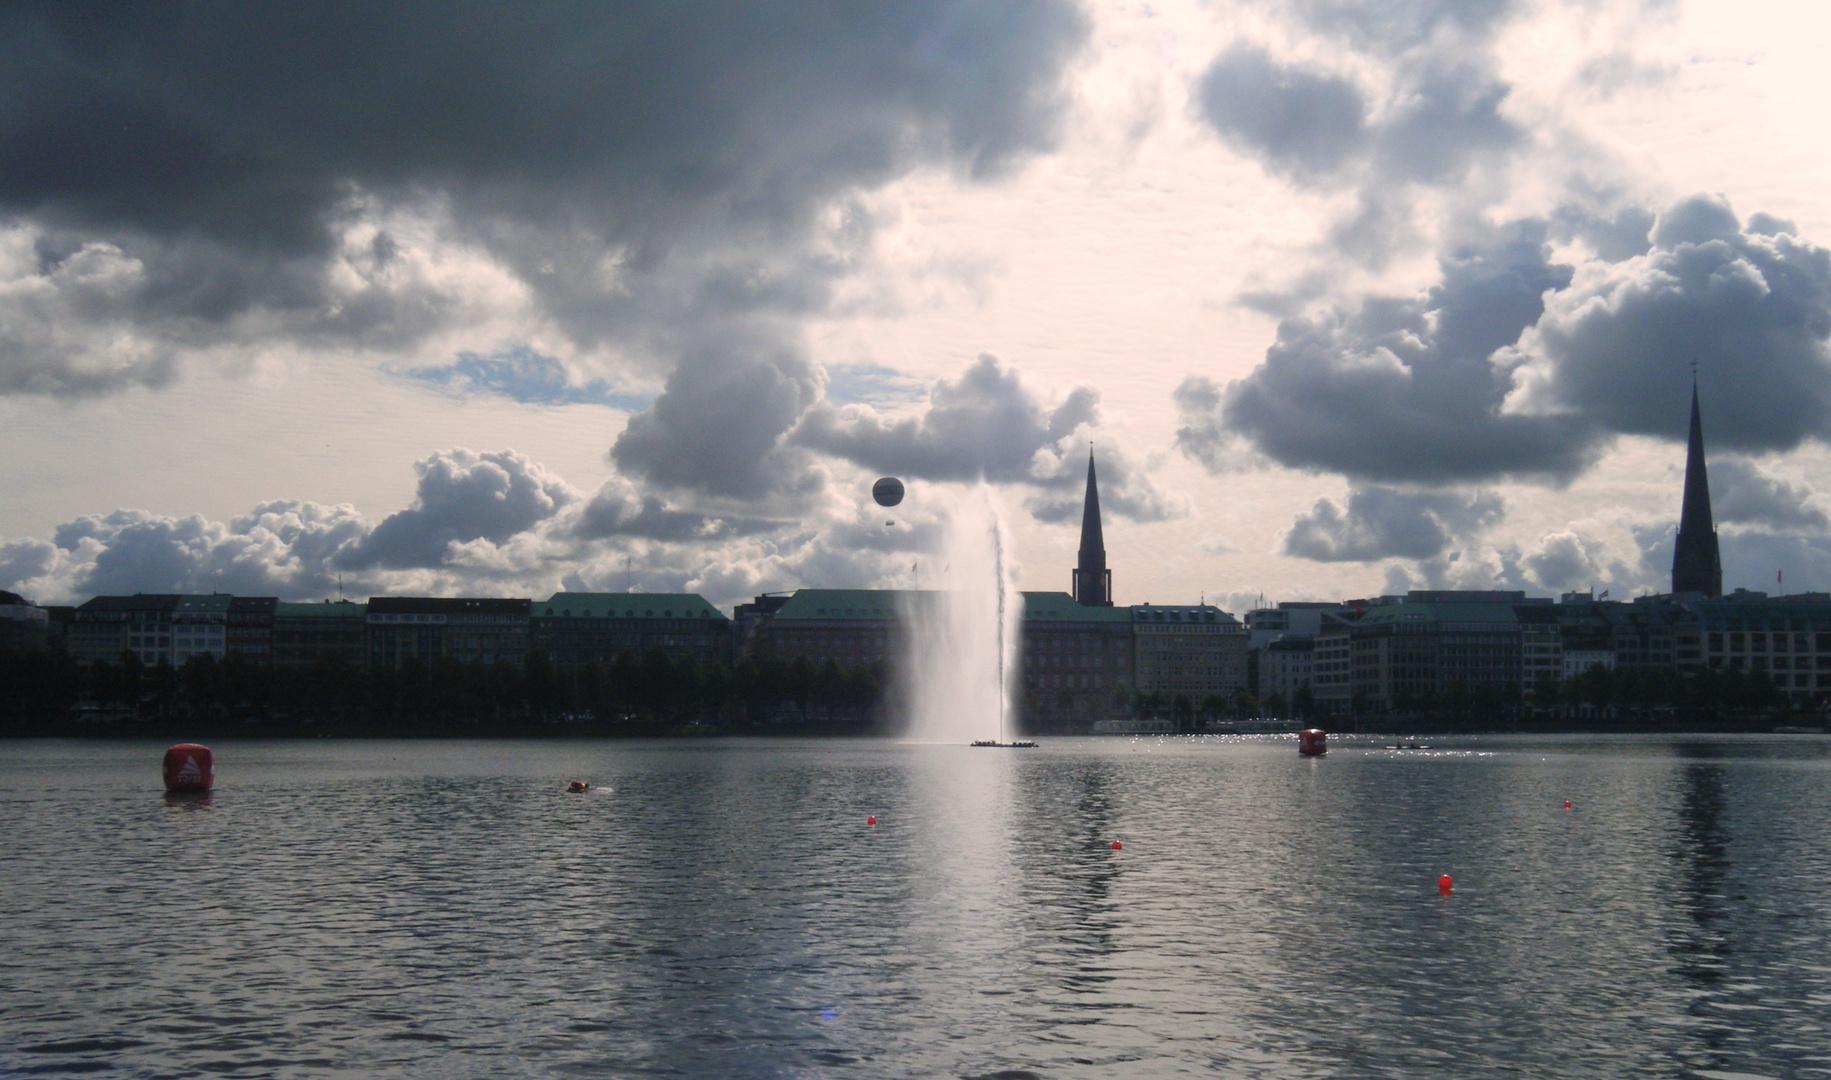 Wasser, Wolken und ein Heißluftballon